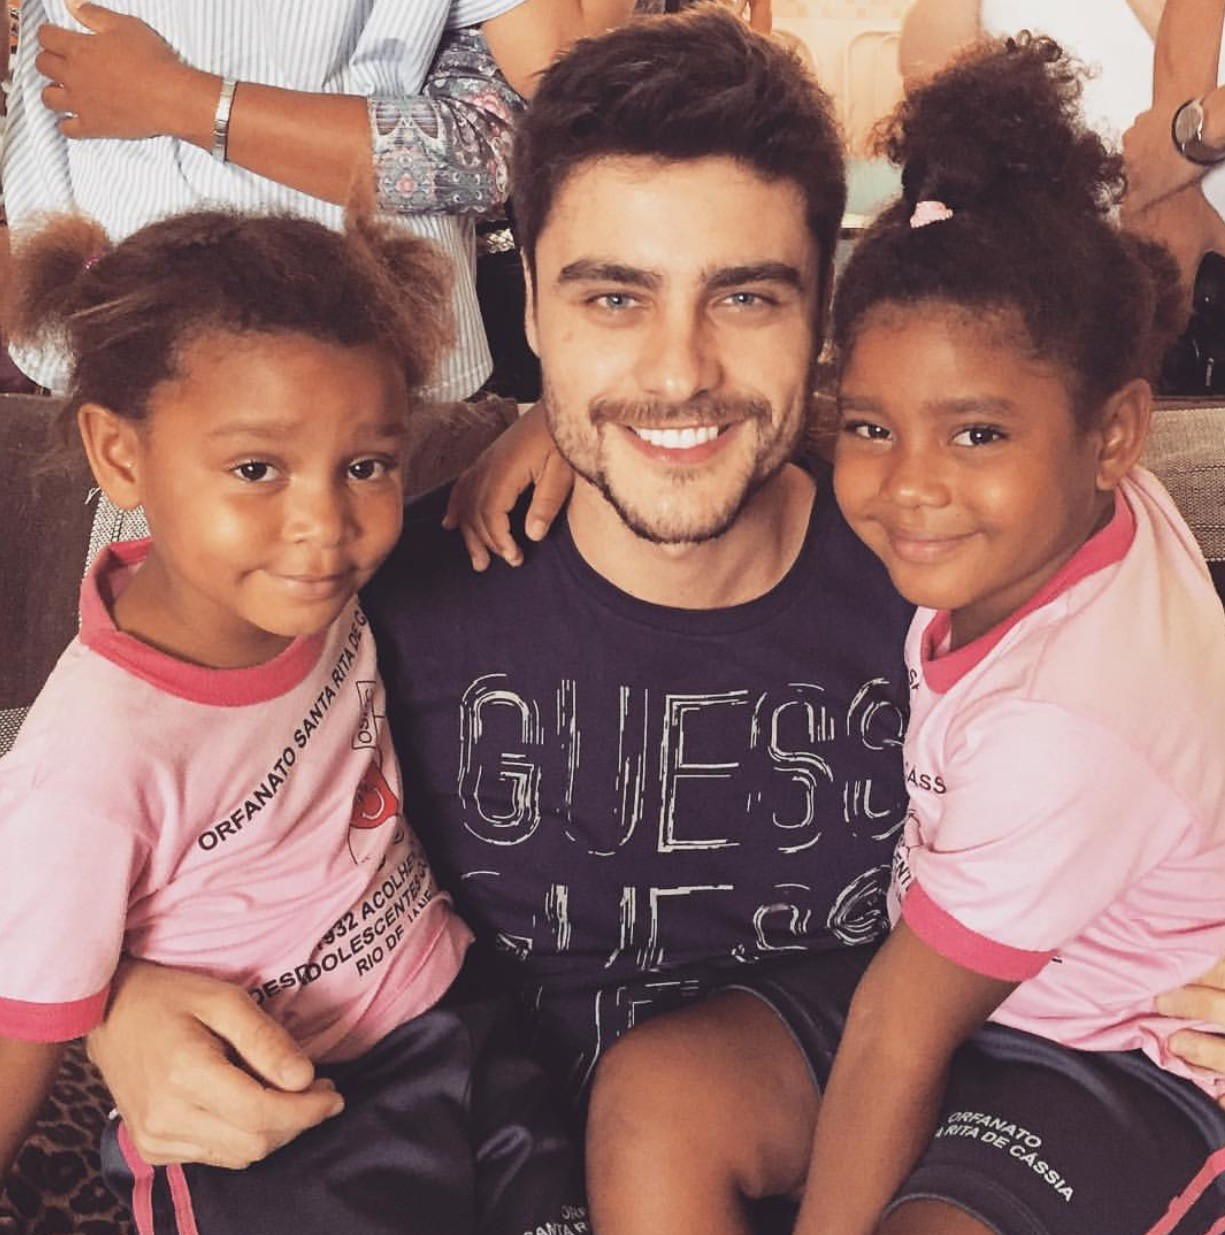 Guilgerme Leicam com as meninas do orfanato (Foto: Reprodução Instagram)